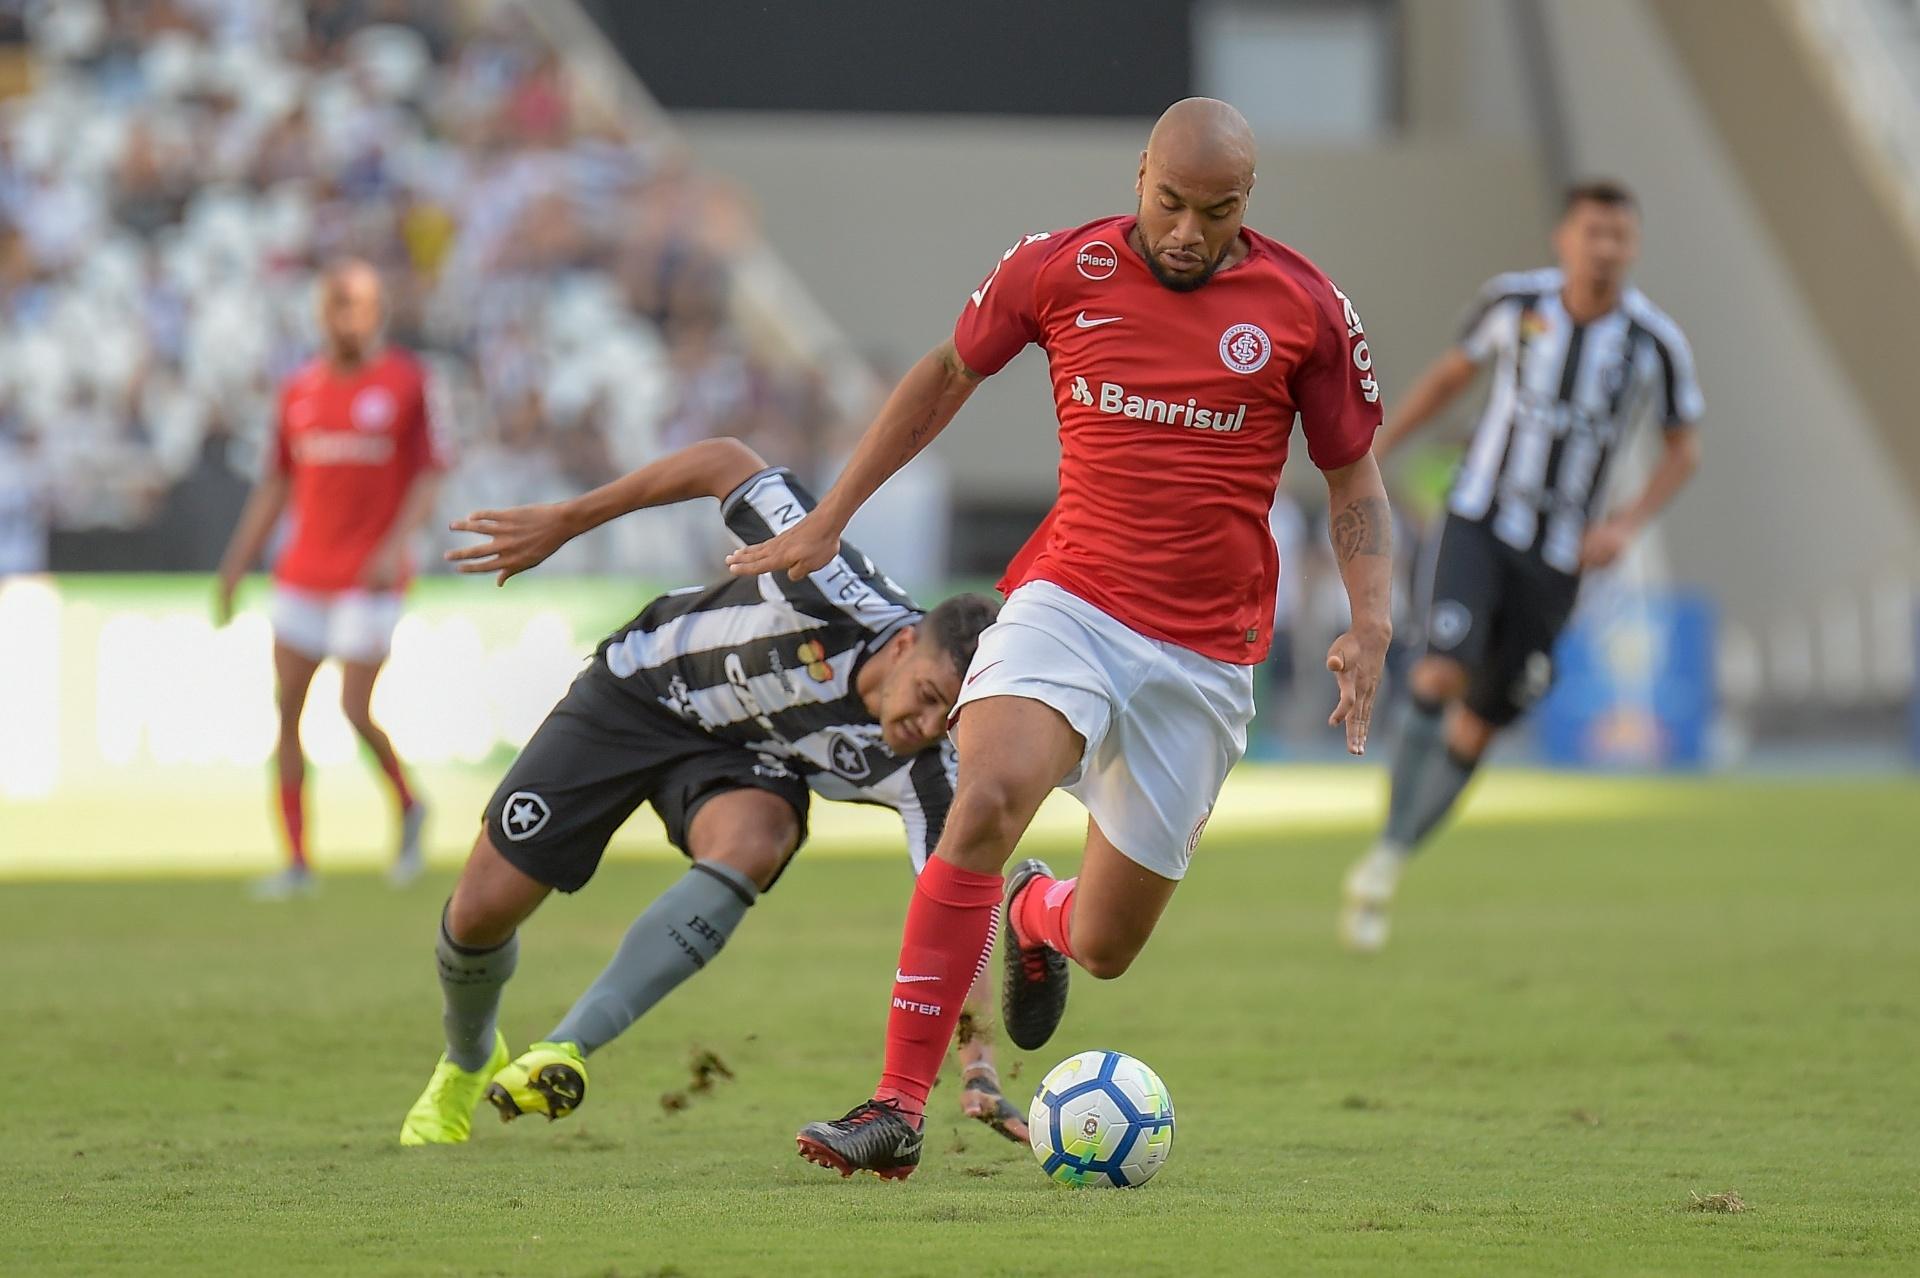 Inter tem Rodrigo Moledo de volta contra o Fluminense  veja provável time -  24 11 2018 - UOL Esporte 08e7f36e3fae2